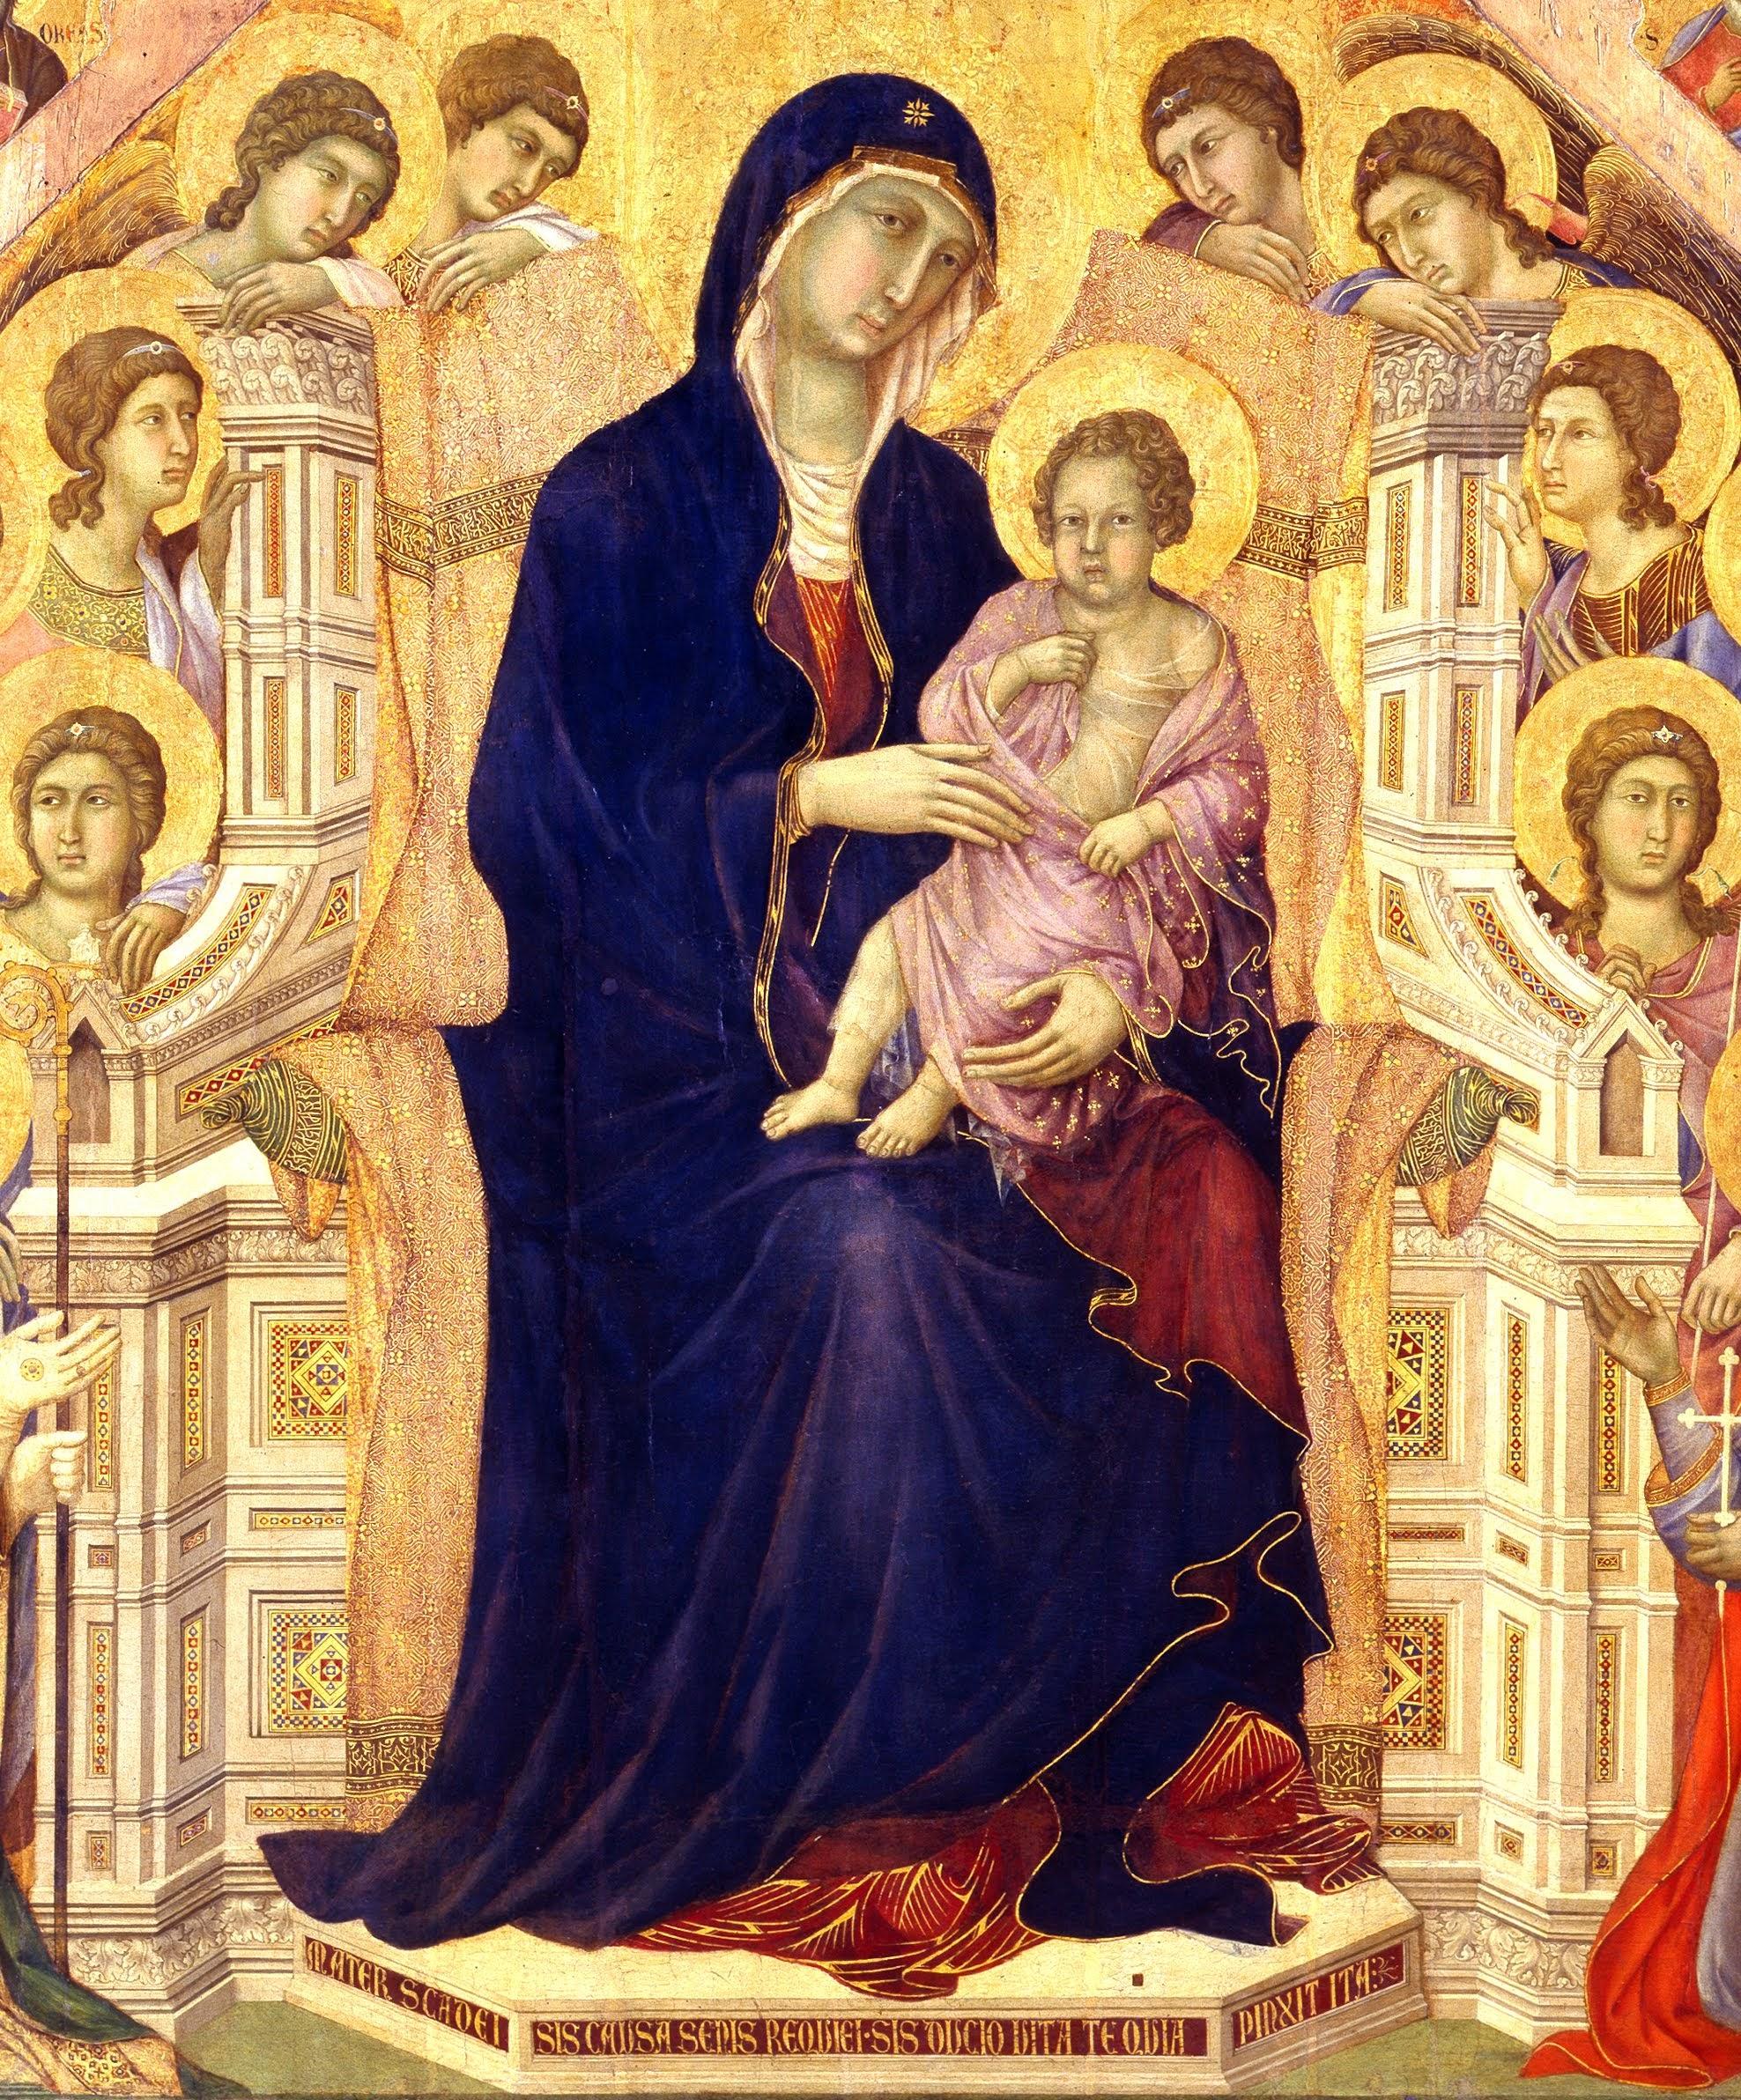 Duccio di Boninsegna, Maestà del Duomo di Siena (1308-1311) (Particolare della tavola principale, Vergine in trono), Museo dell'Opera della Metropolitana, Siena